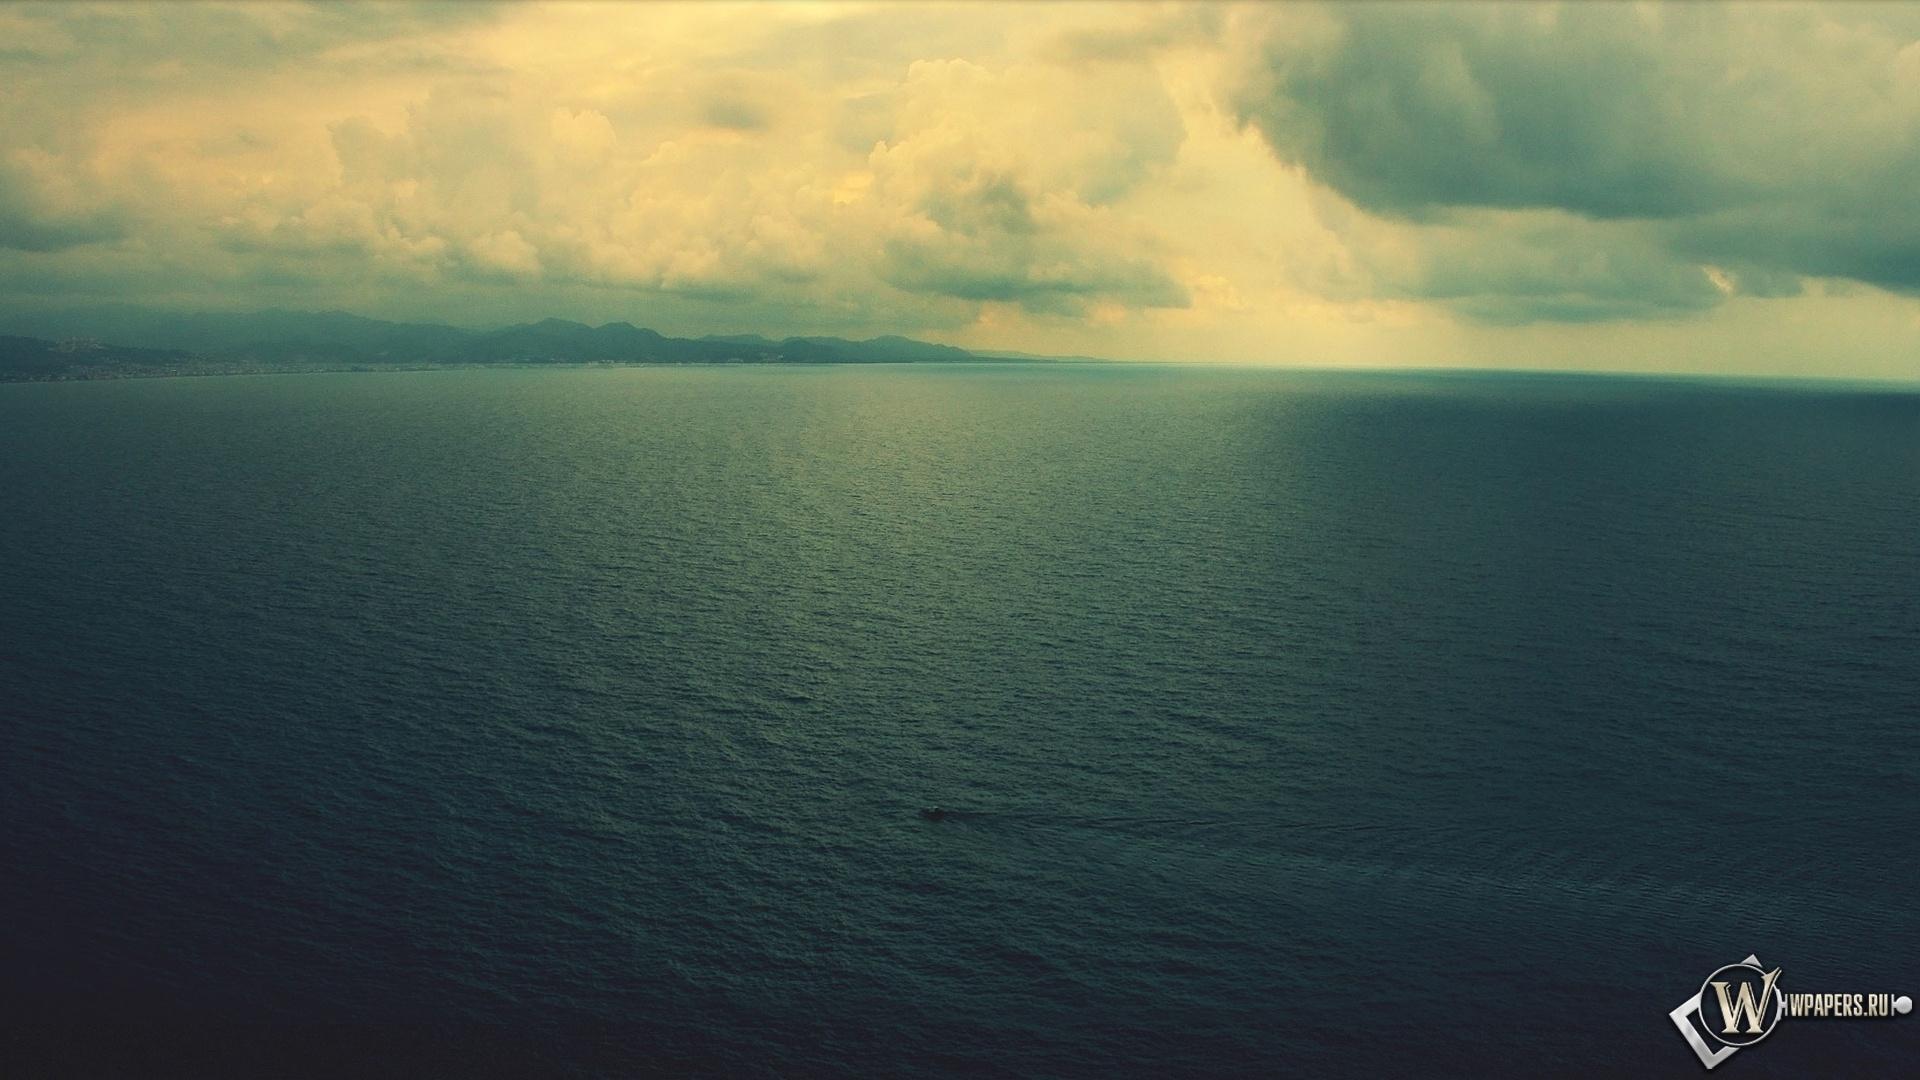 Штиль на море 1920x1080